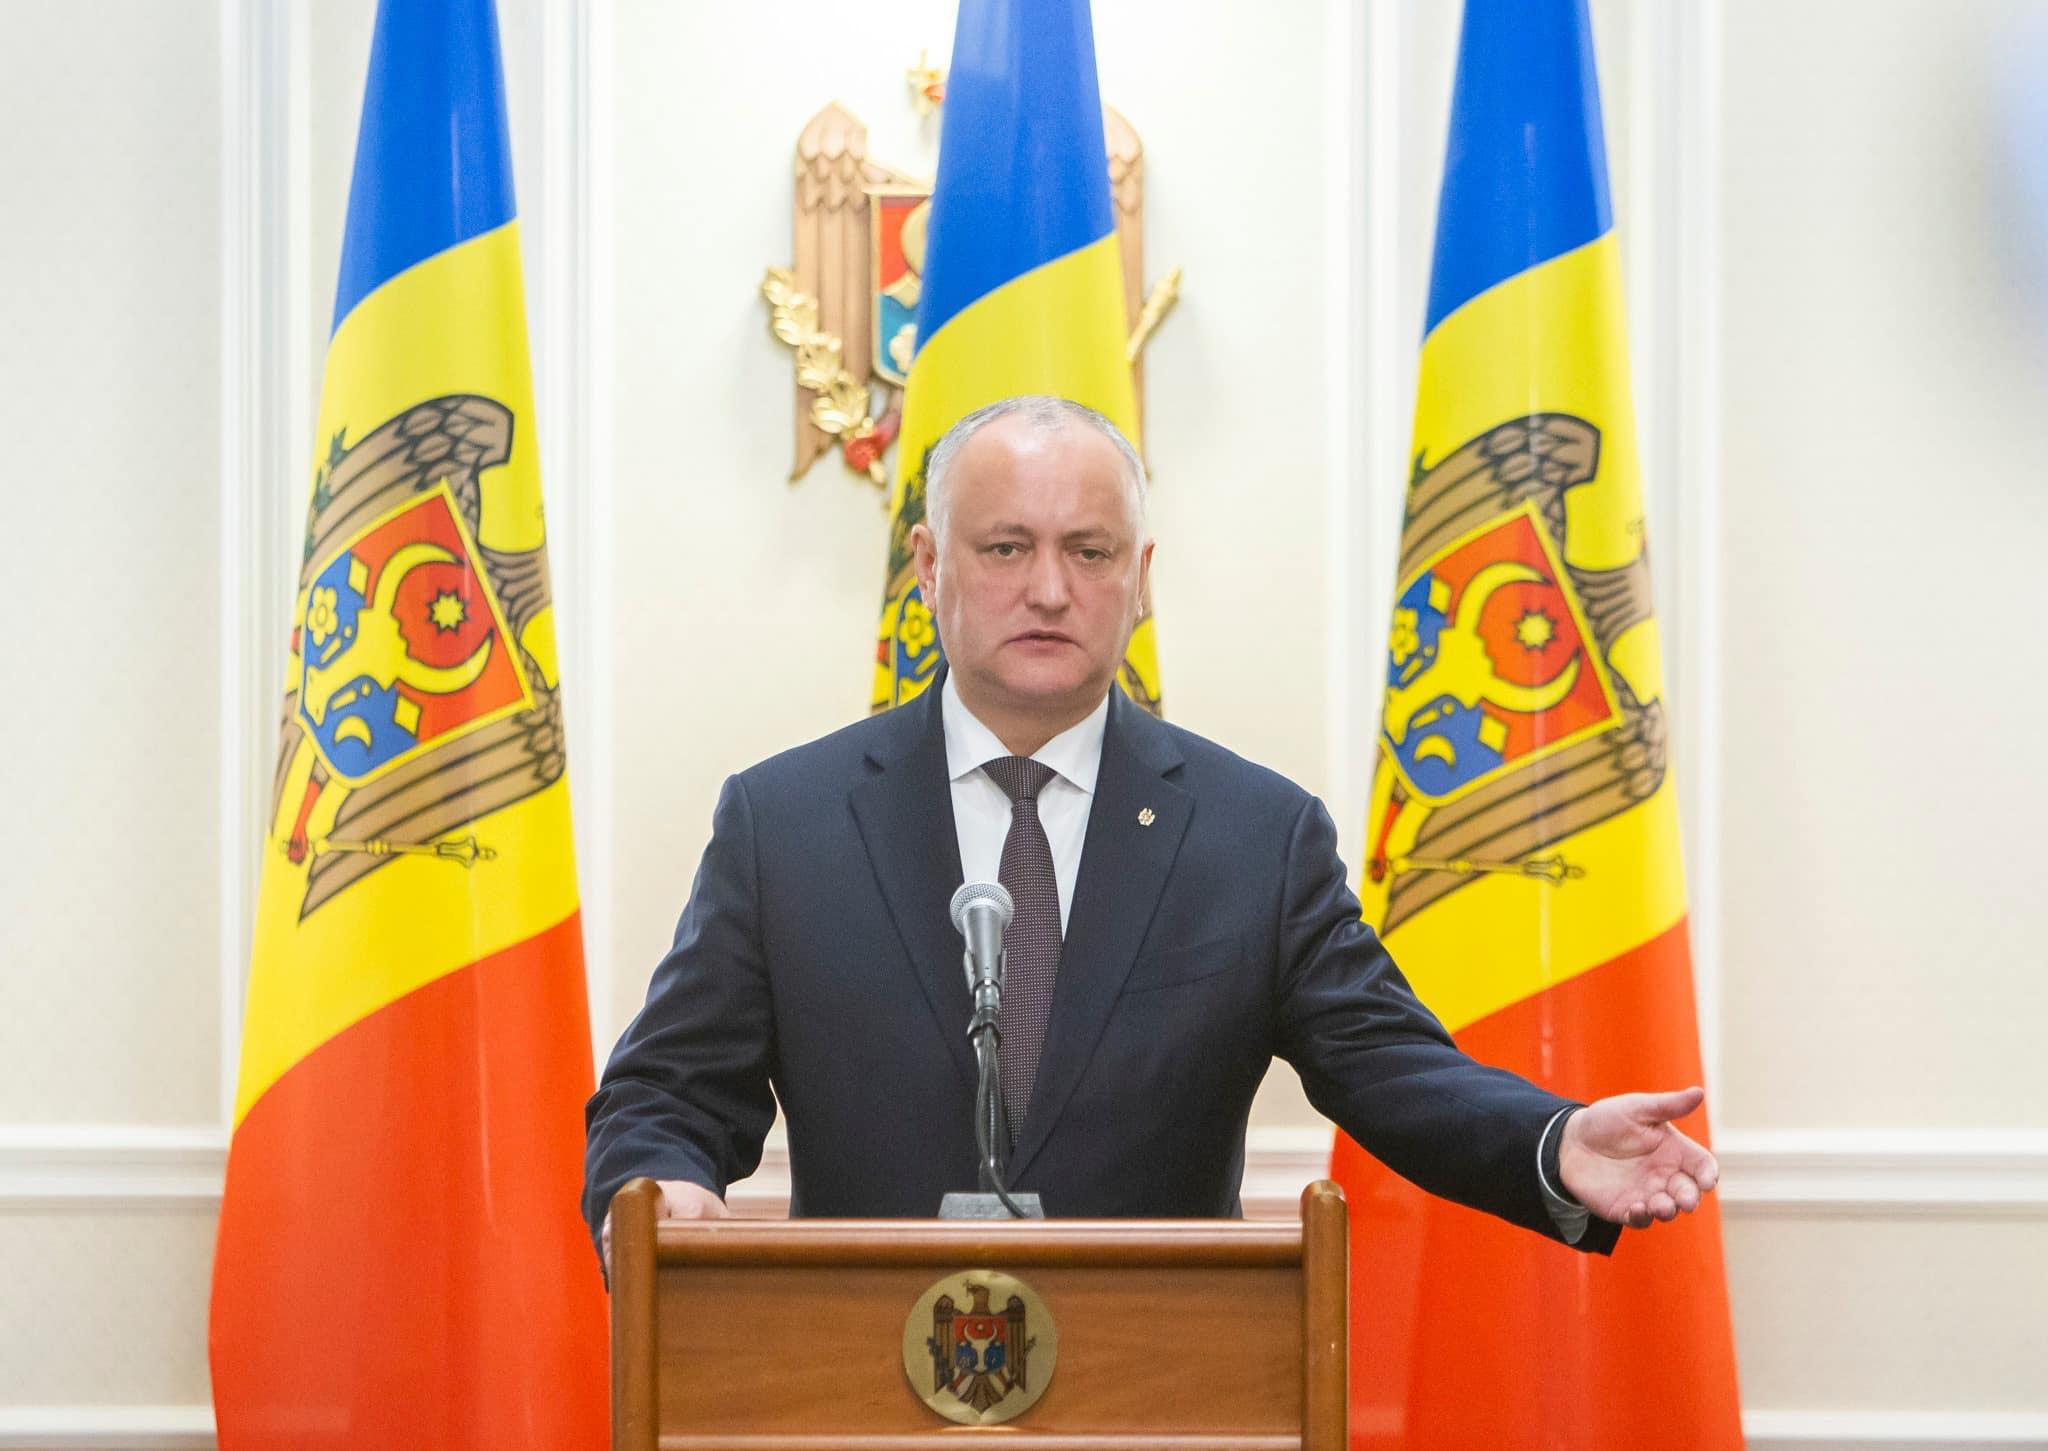 Президент: Если не будет большинства, приглашу Гречаный, Филипа, Санду и Нэстасе и будем решать, что делаем дальше